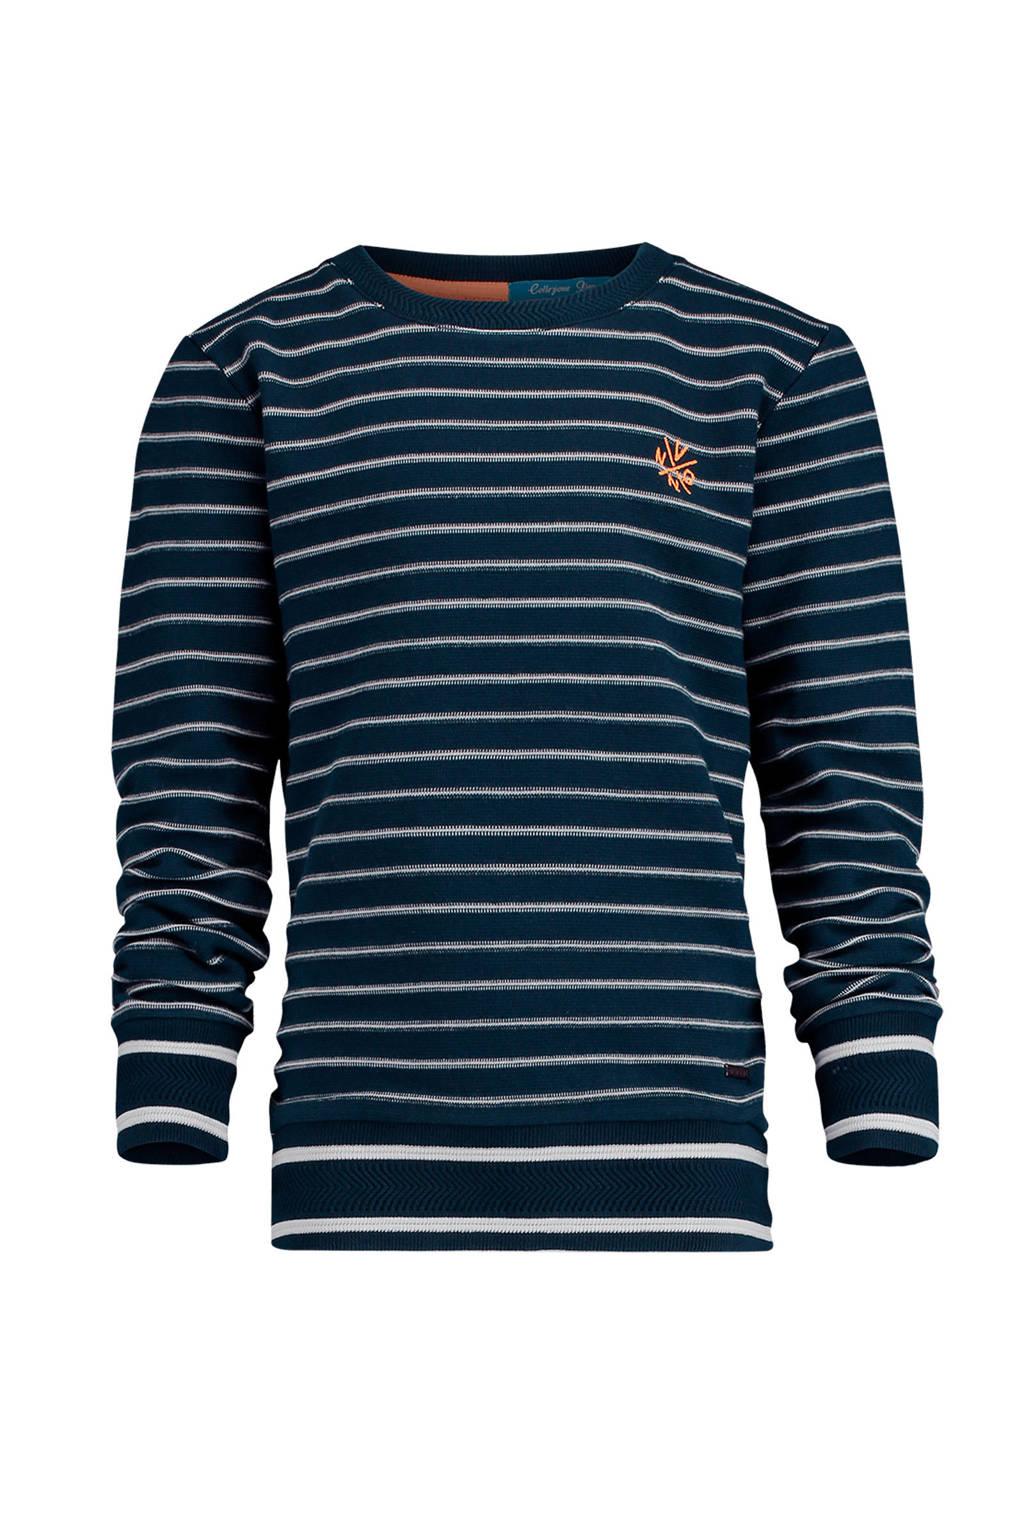 Vingino gestreepte sweater Nadjero donkerblauw, Donkerblauw/wit